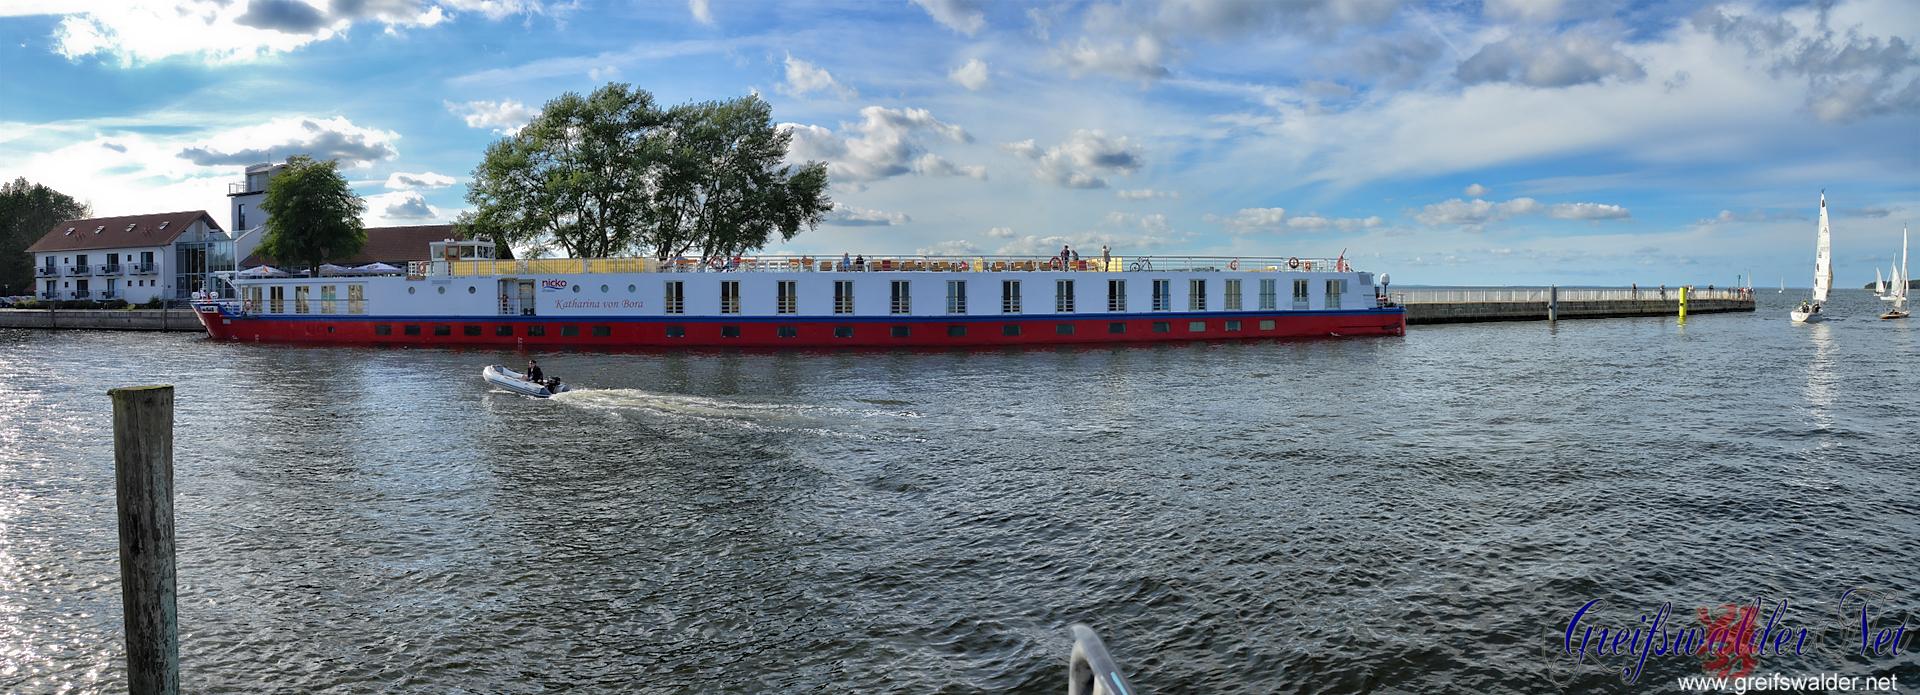 """Flusskreuzfahrtschiff """"Katharina von Bora"""" in Greifswald-Wieck"""